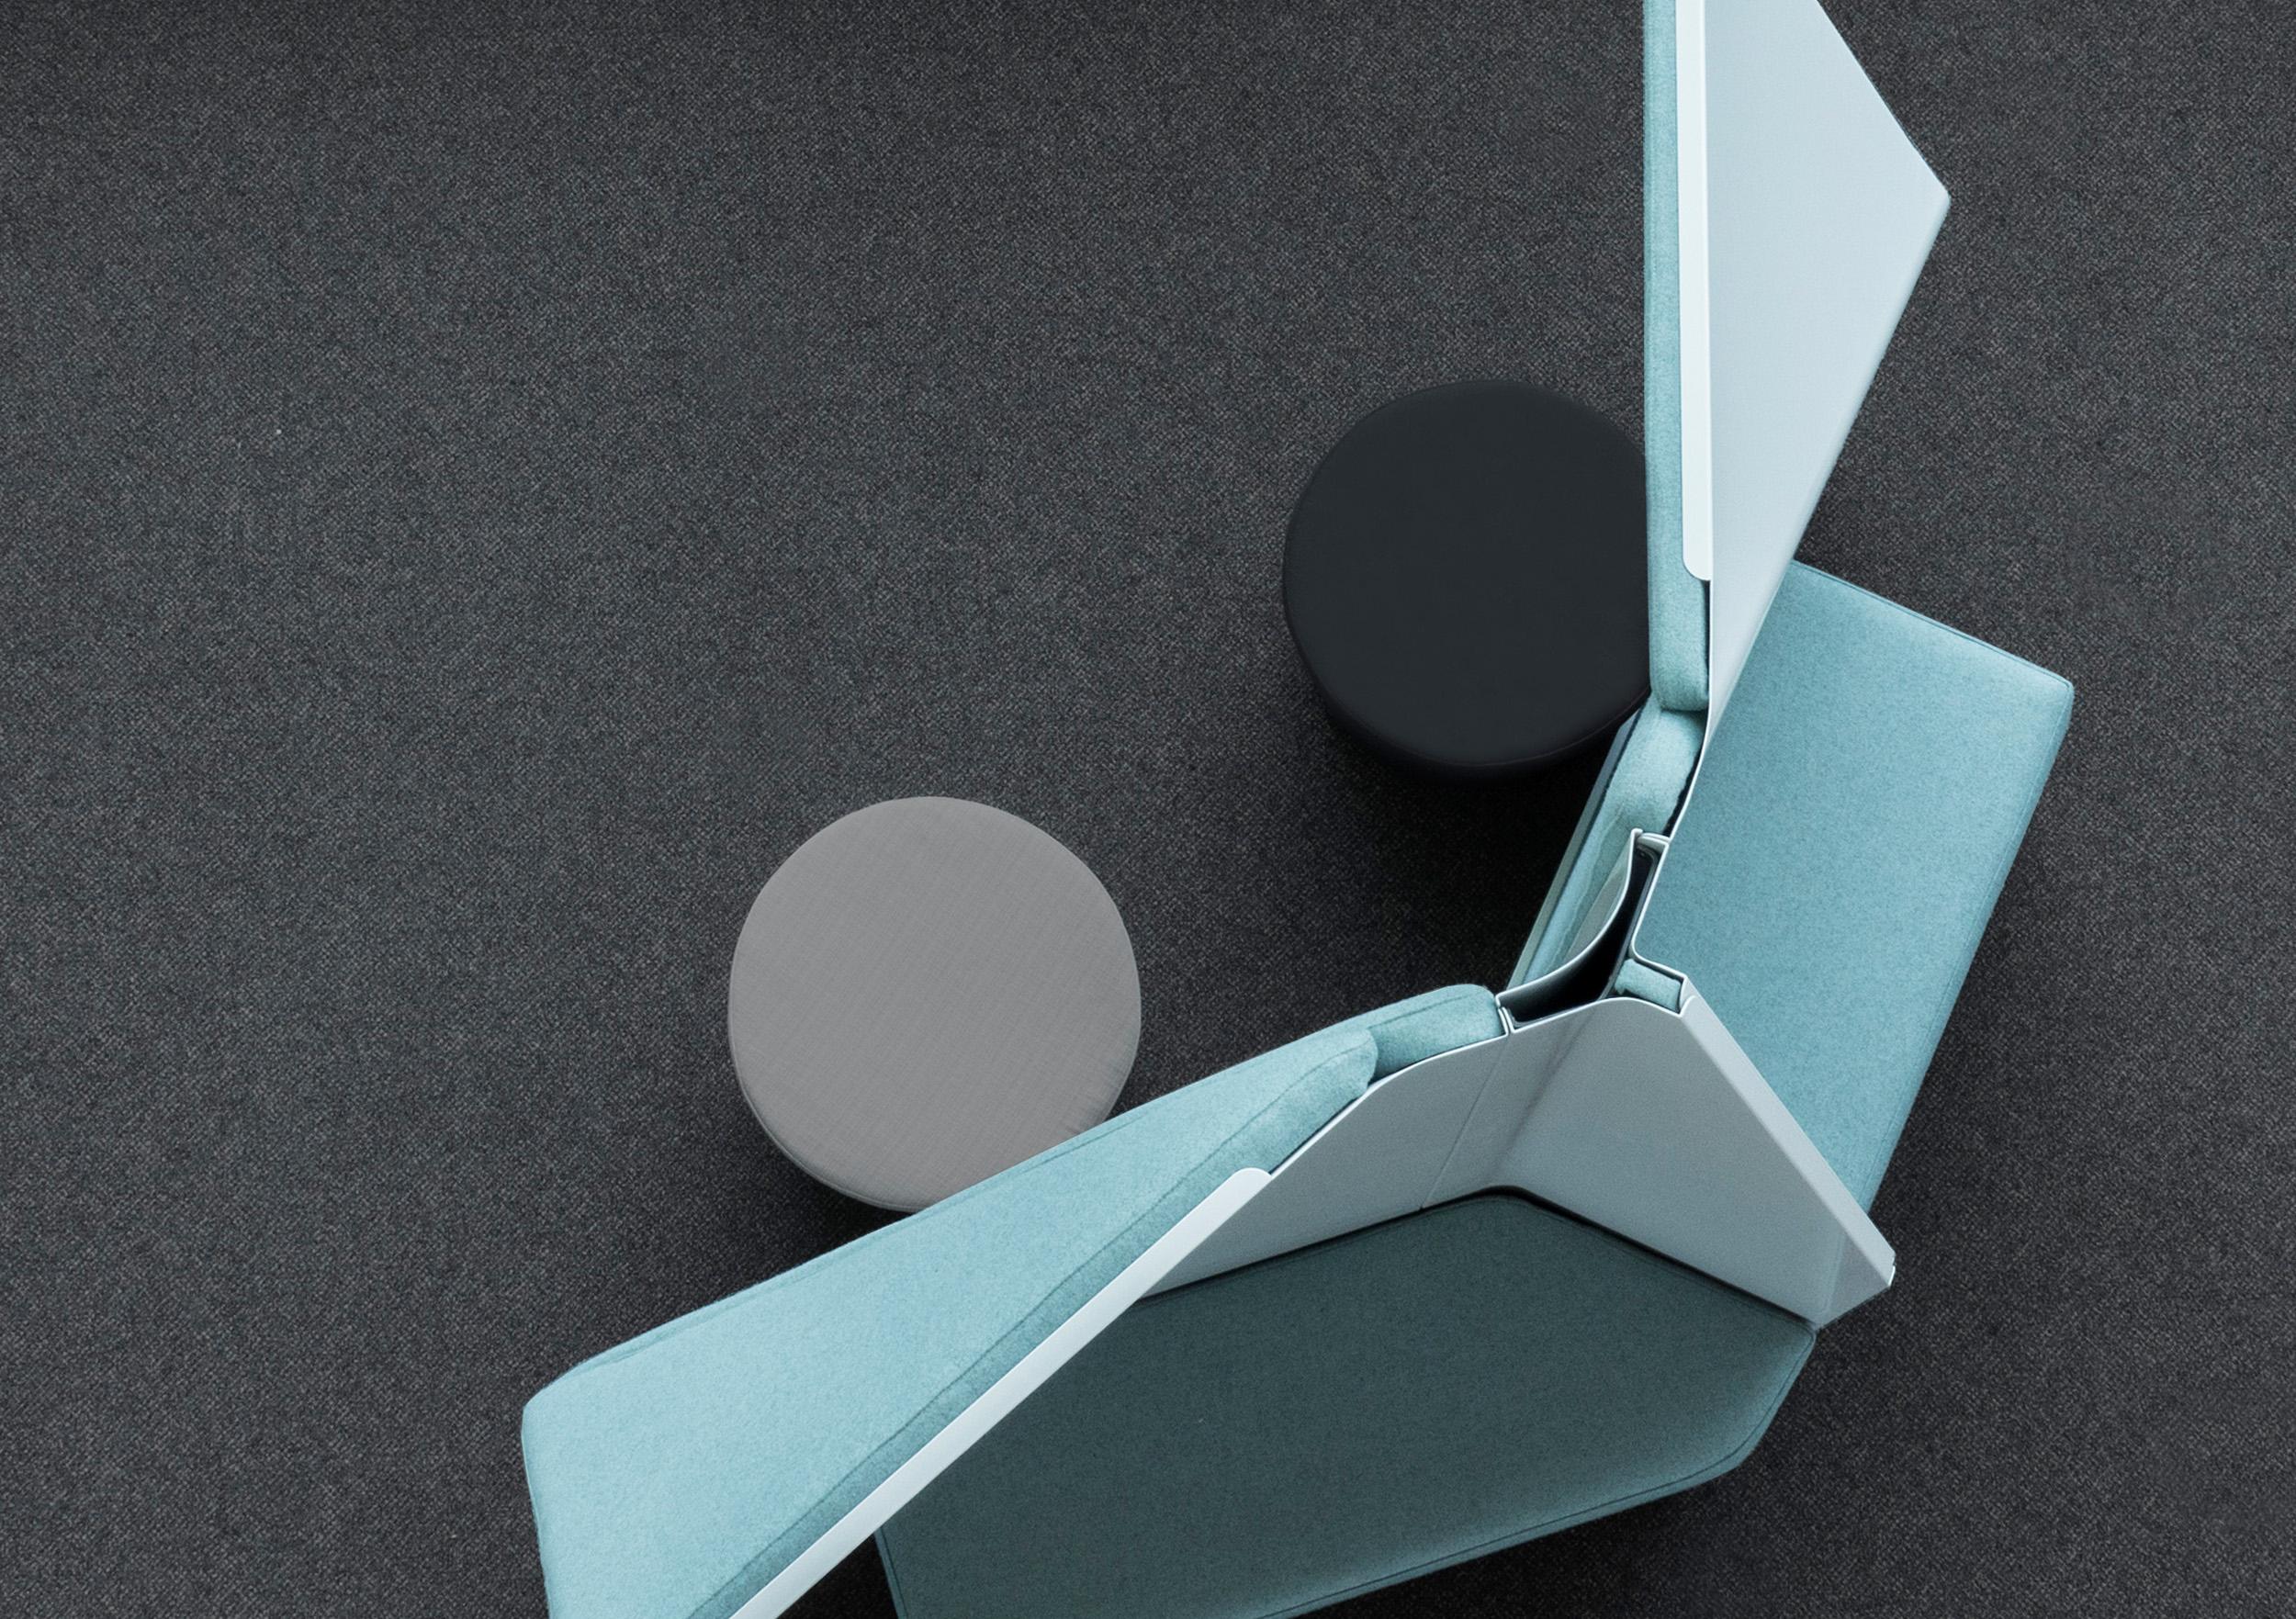 Level 8 Concept Design